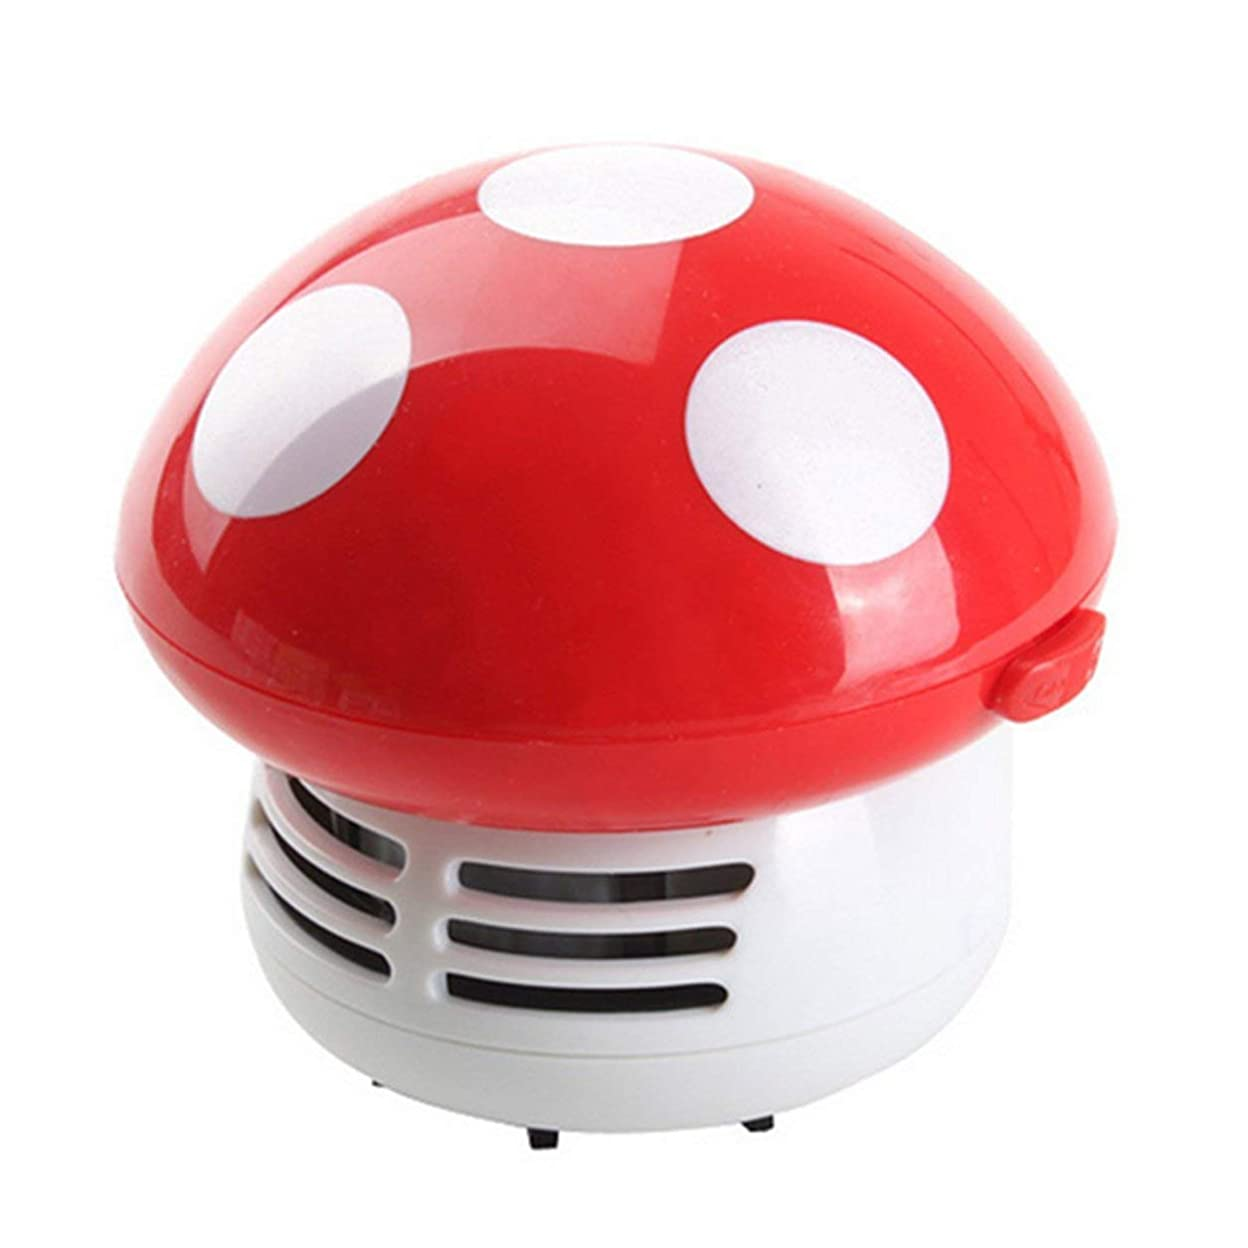 ブース立派な穀物Saikogoods ミニ きのこ デスククリーナー 掃除機 カー家庭用コンピュータのためのかわいい コーナーデスクテーブルクリーナー 集塵機 スイーパー 赤